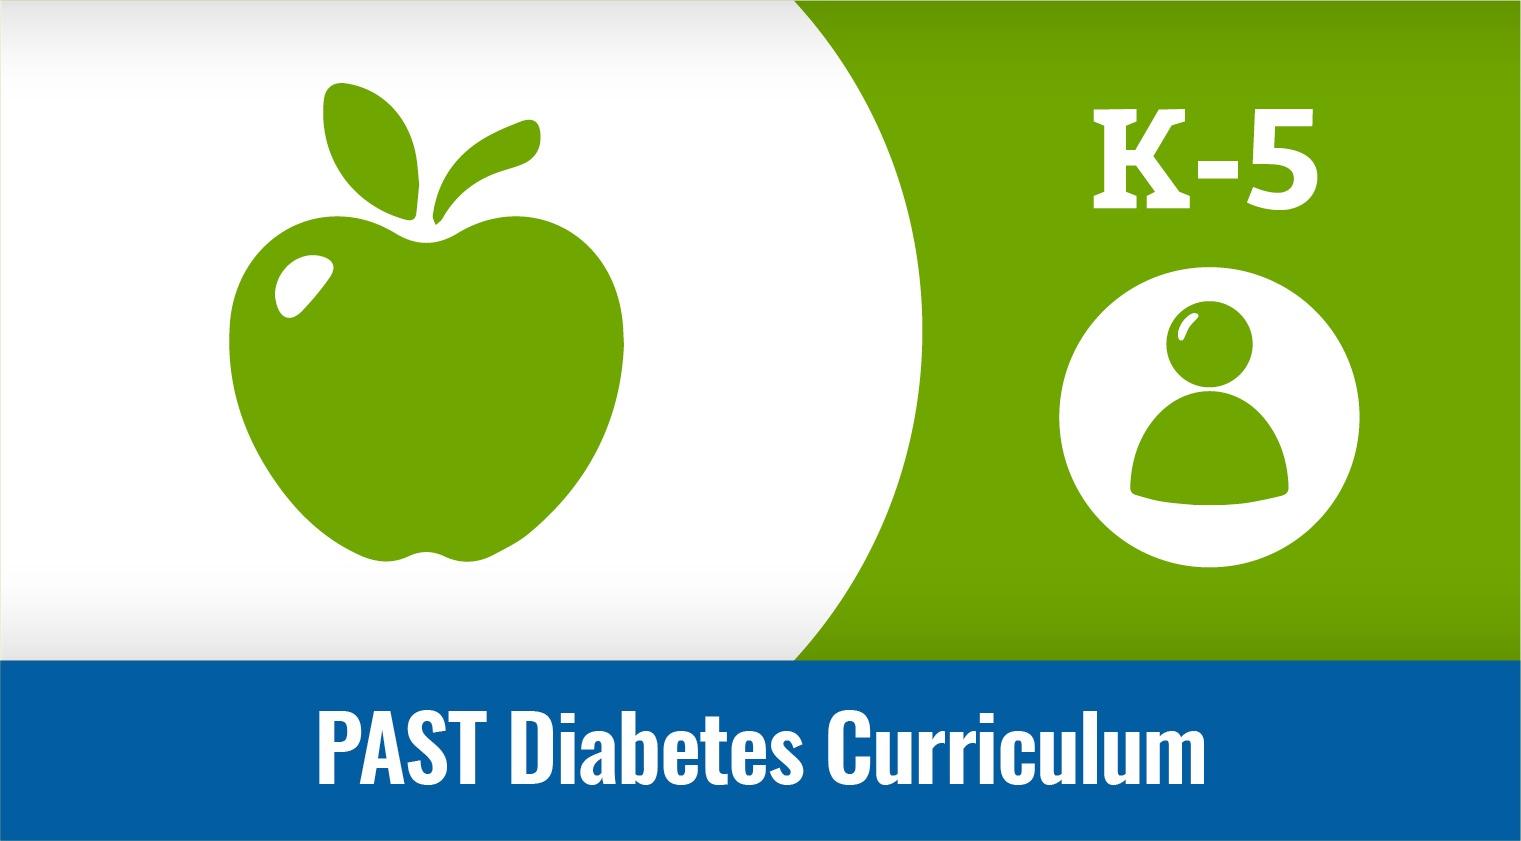 PAST Diabetes Curriculum